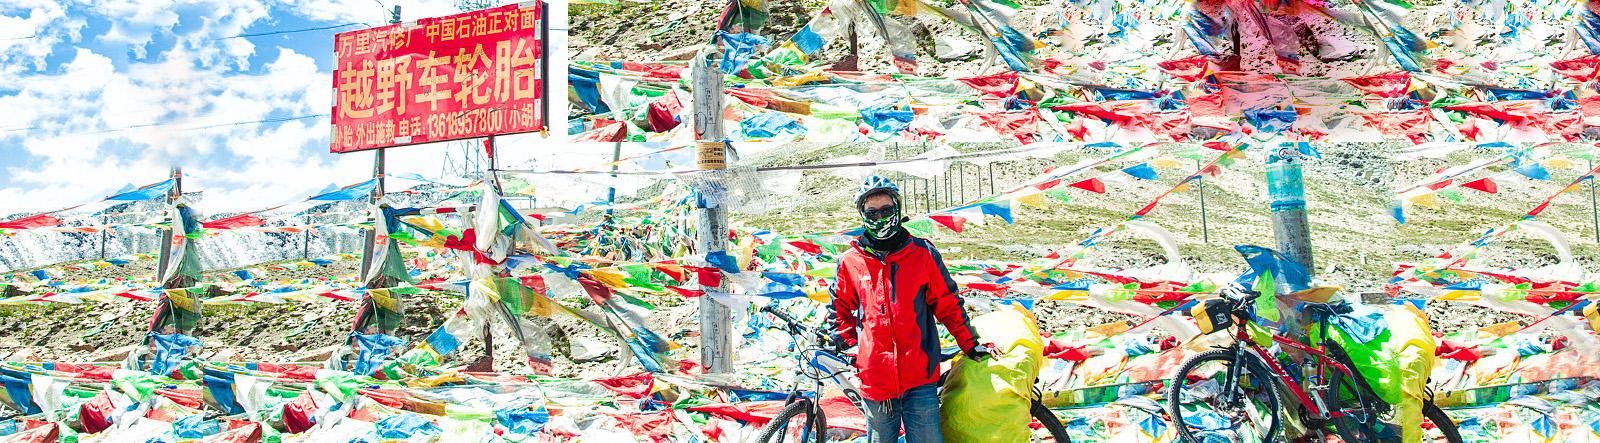 Tibet Group Tour,Tibet Bike Tours